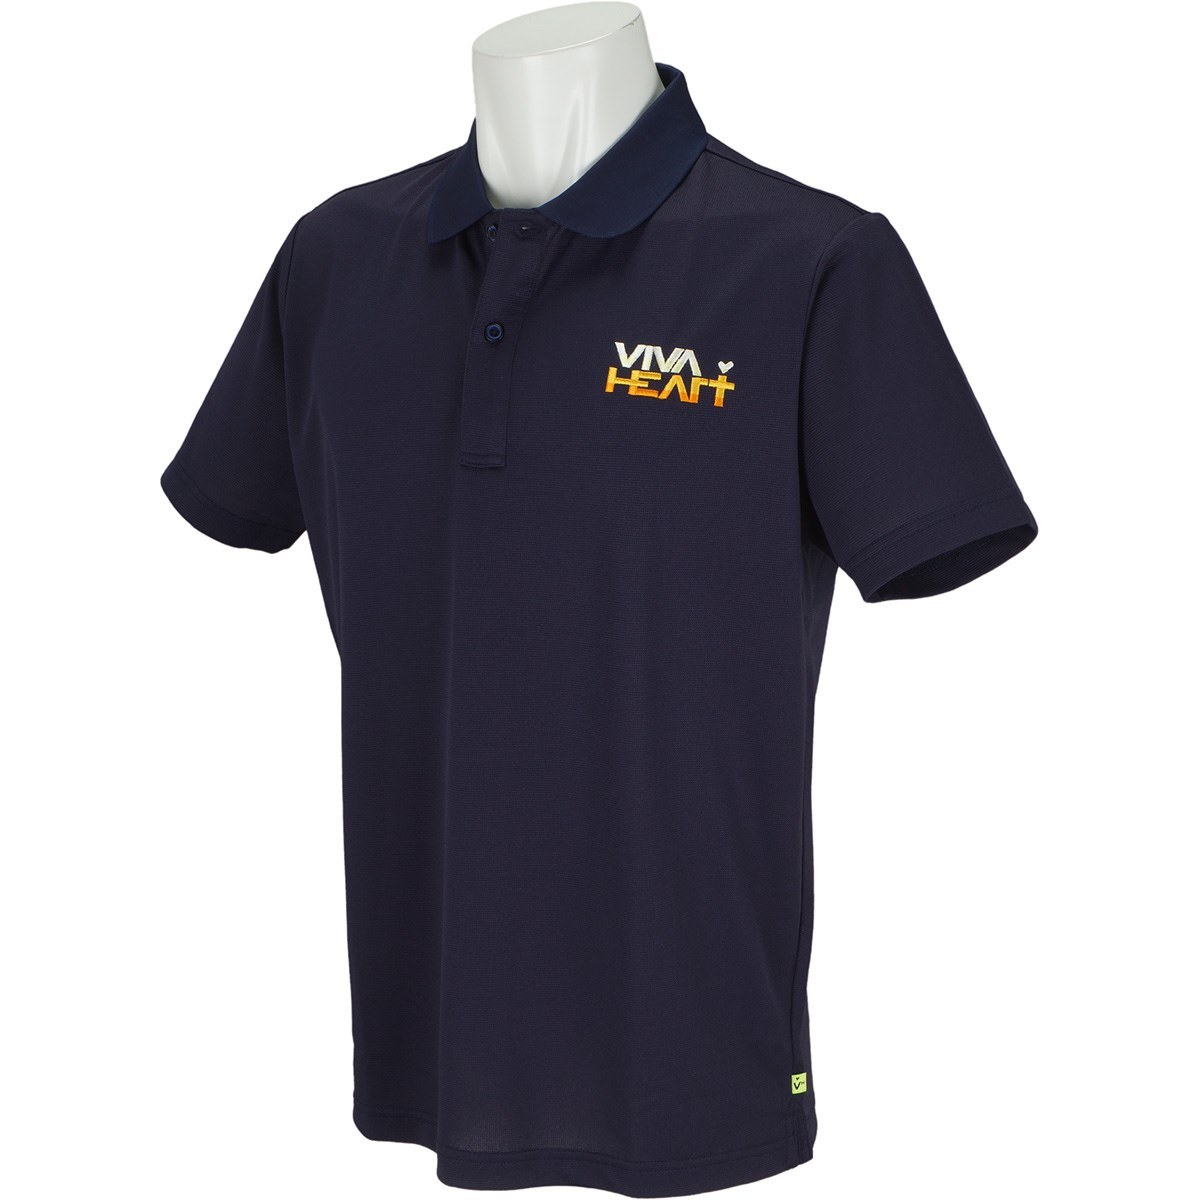 ビバハート シャドーボーダー 半袖ポロシャツ